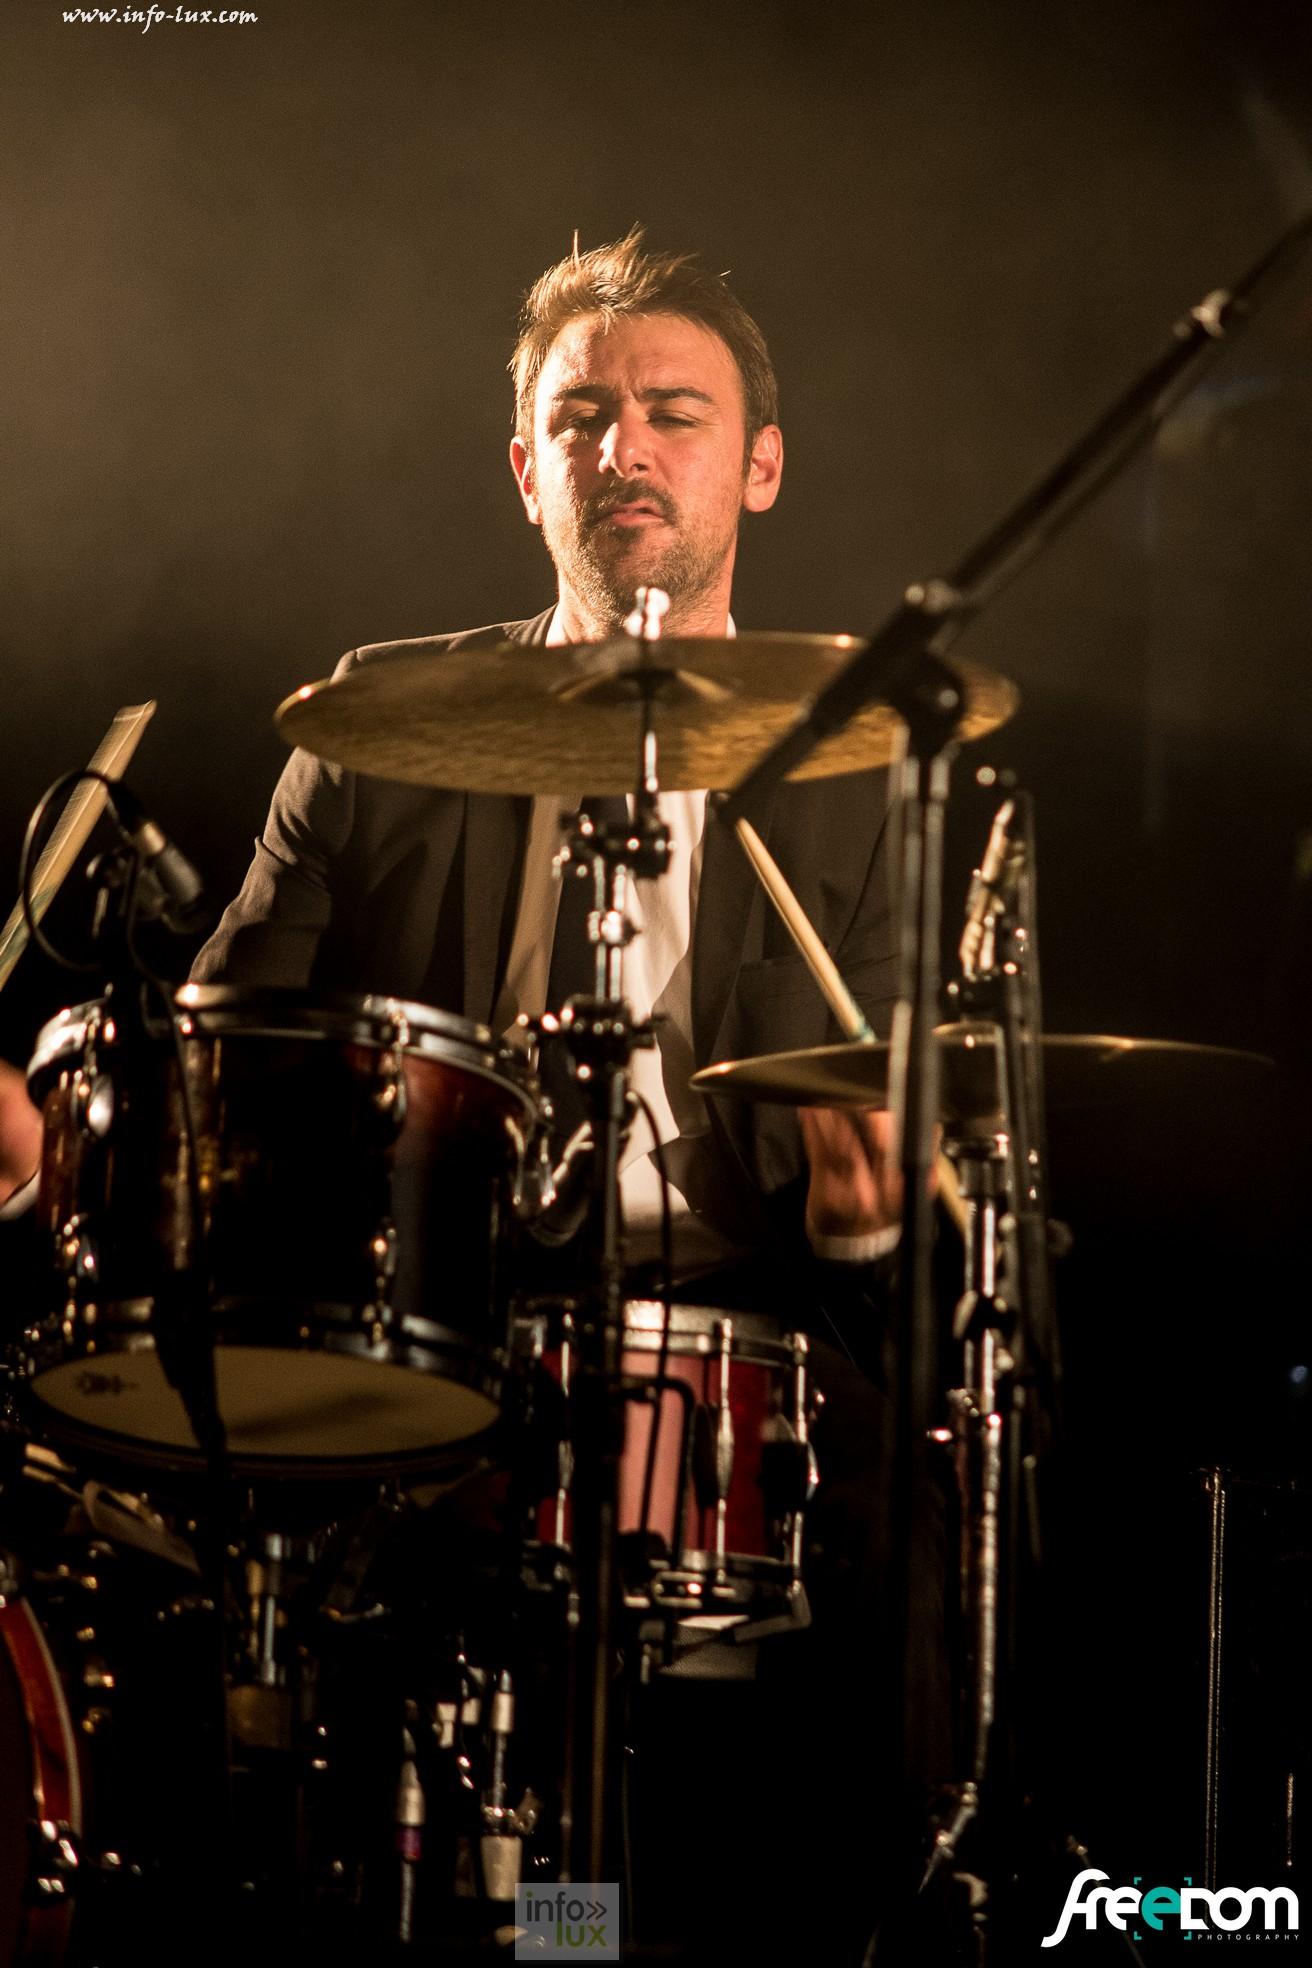 images/stories/PHOTOSREP/Bastogne/concert-moissec/2014-_miossec_bastogne-0723_LR_fp